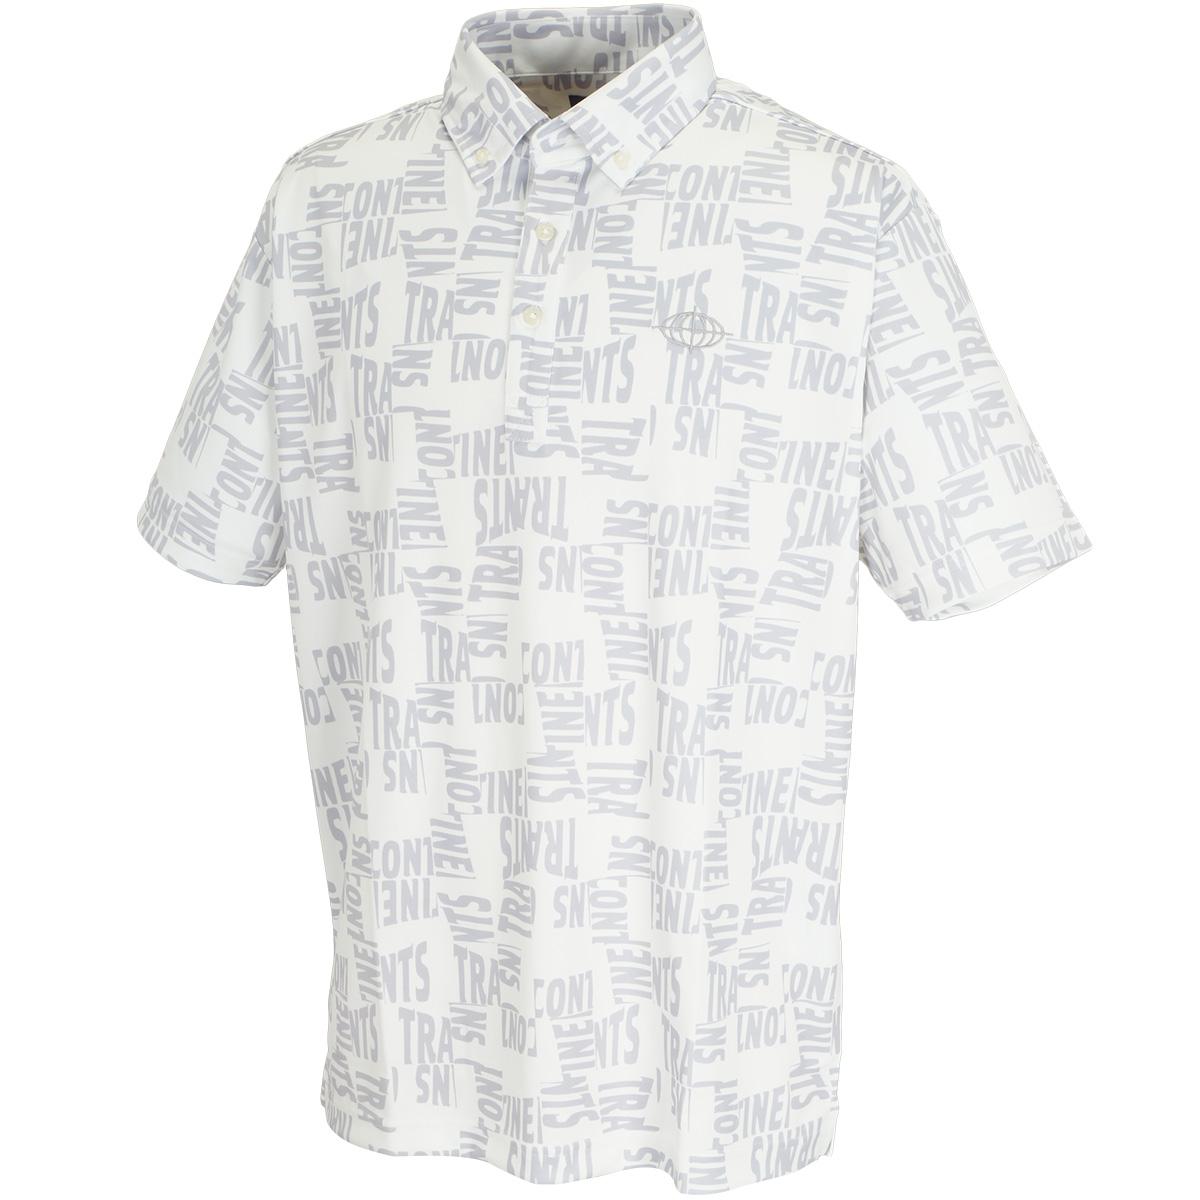 ゴルフロゴプリント 半袖ポロシャツ